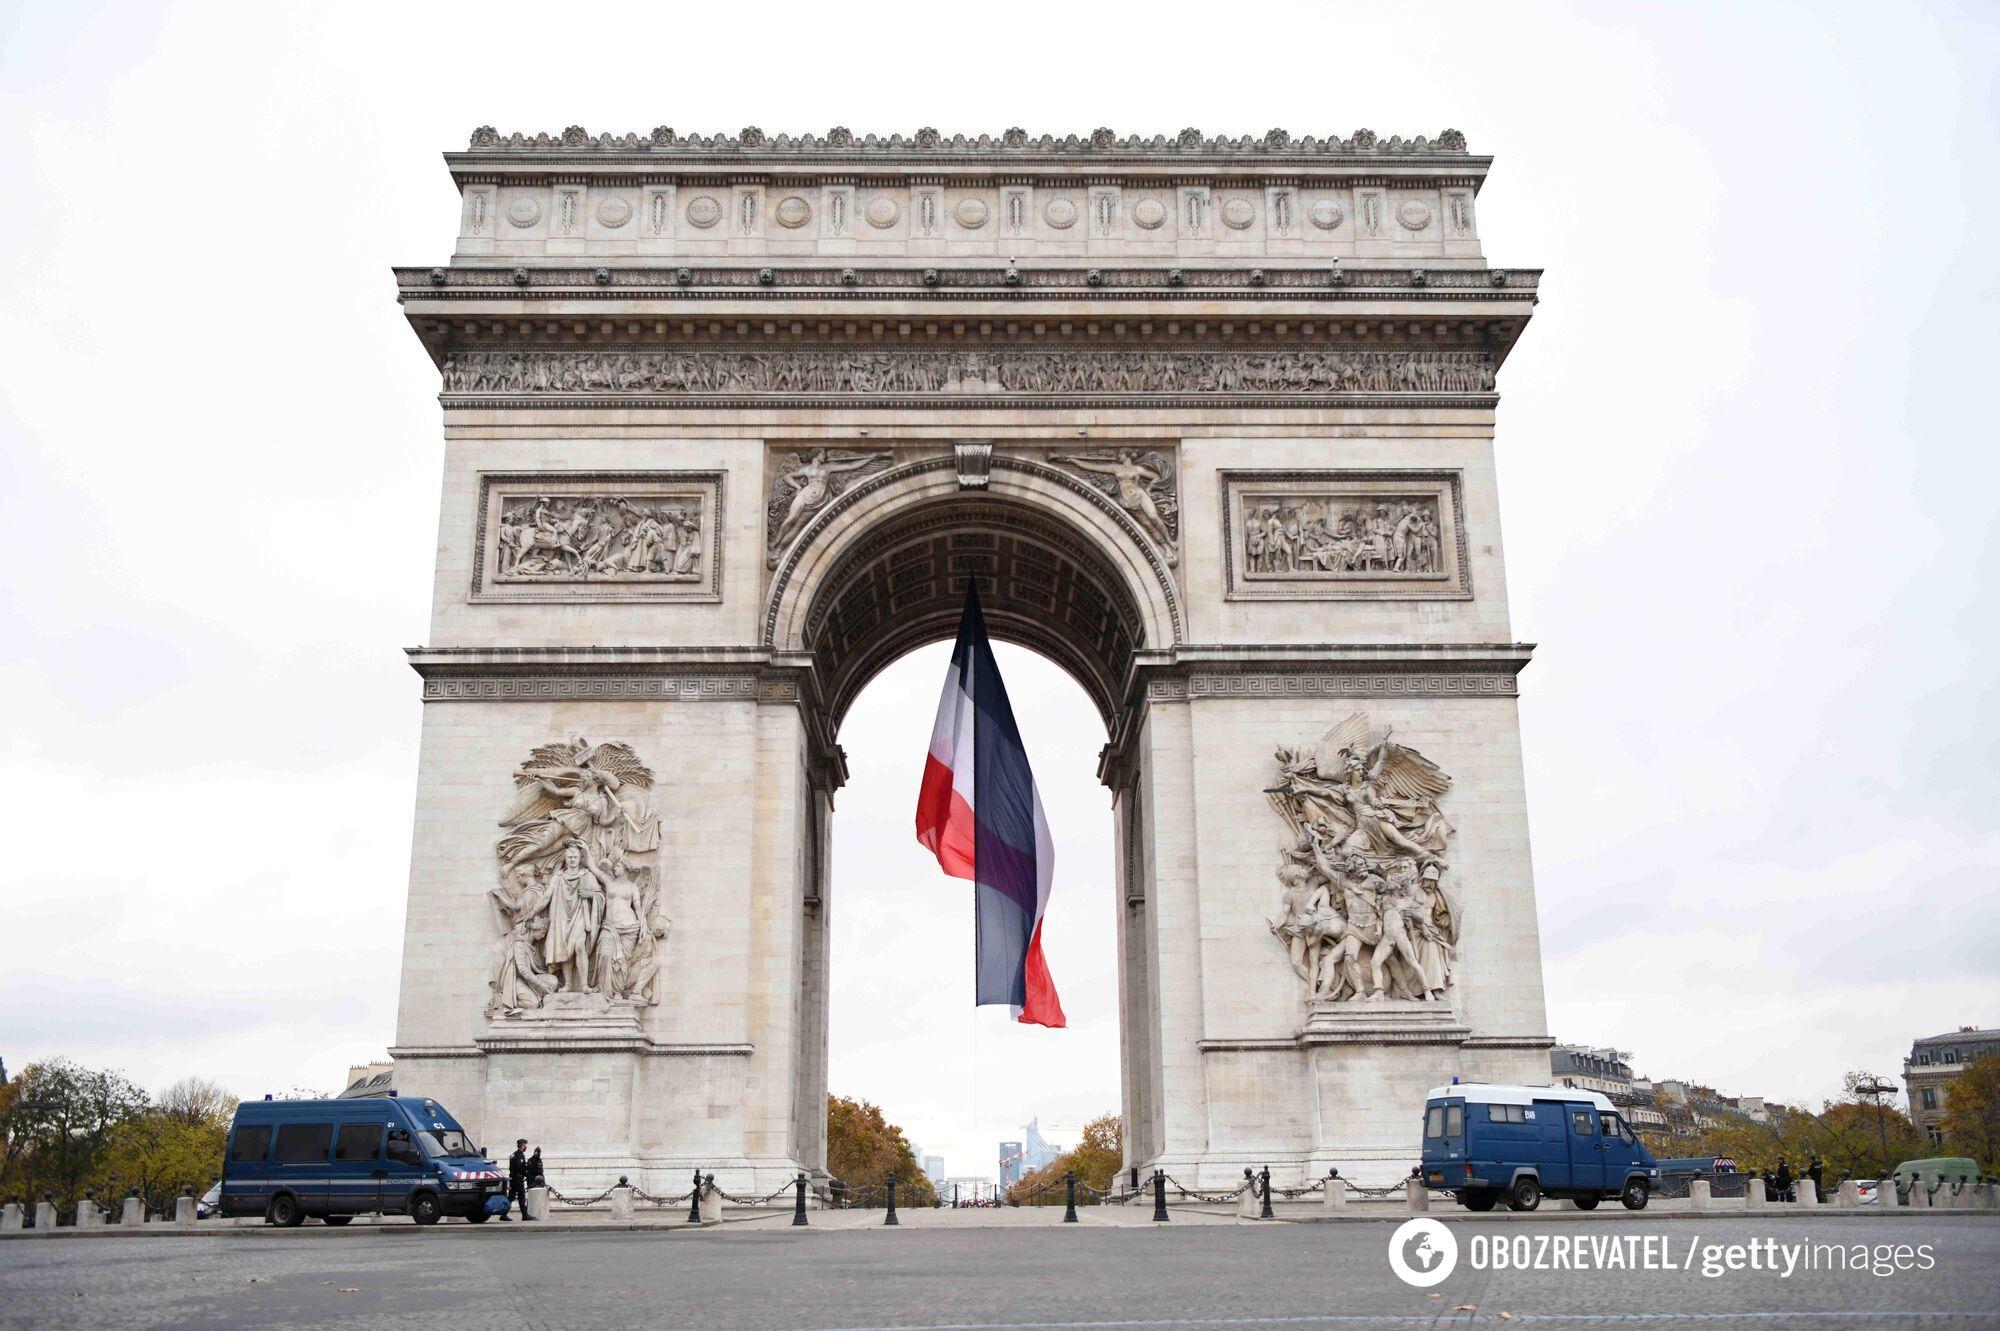 Так обычно выглядит Триумфальная арка.